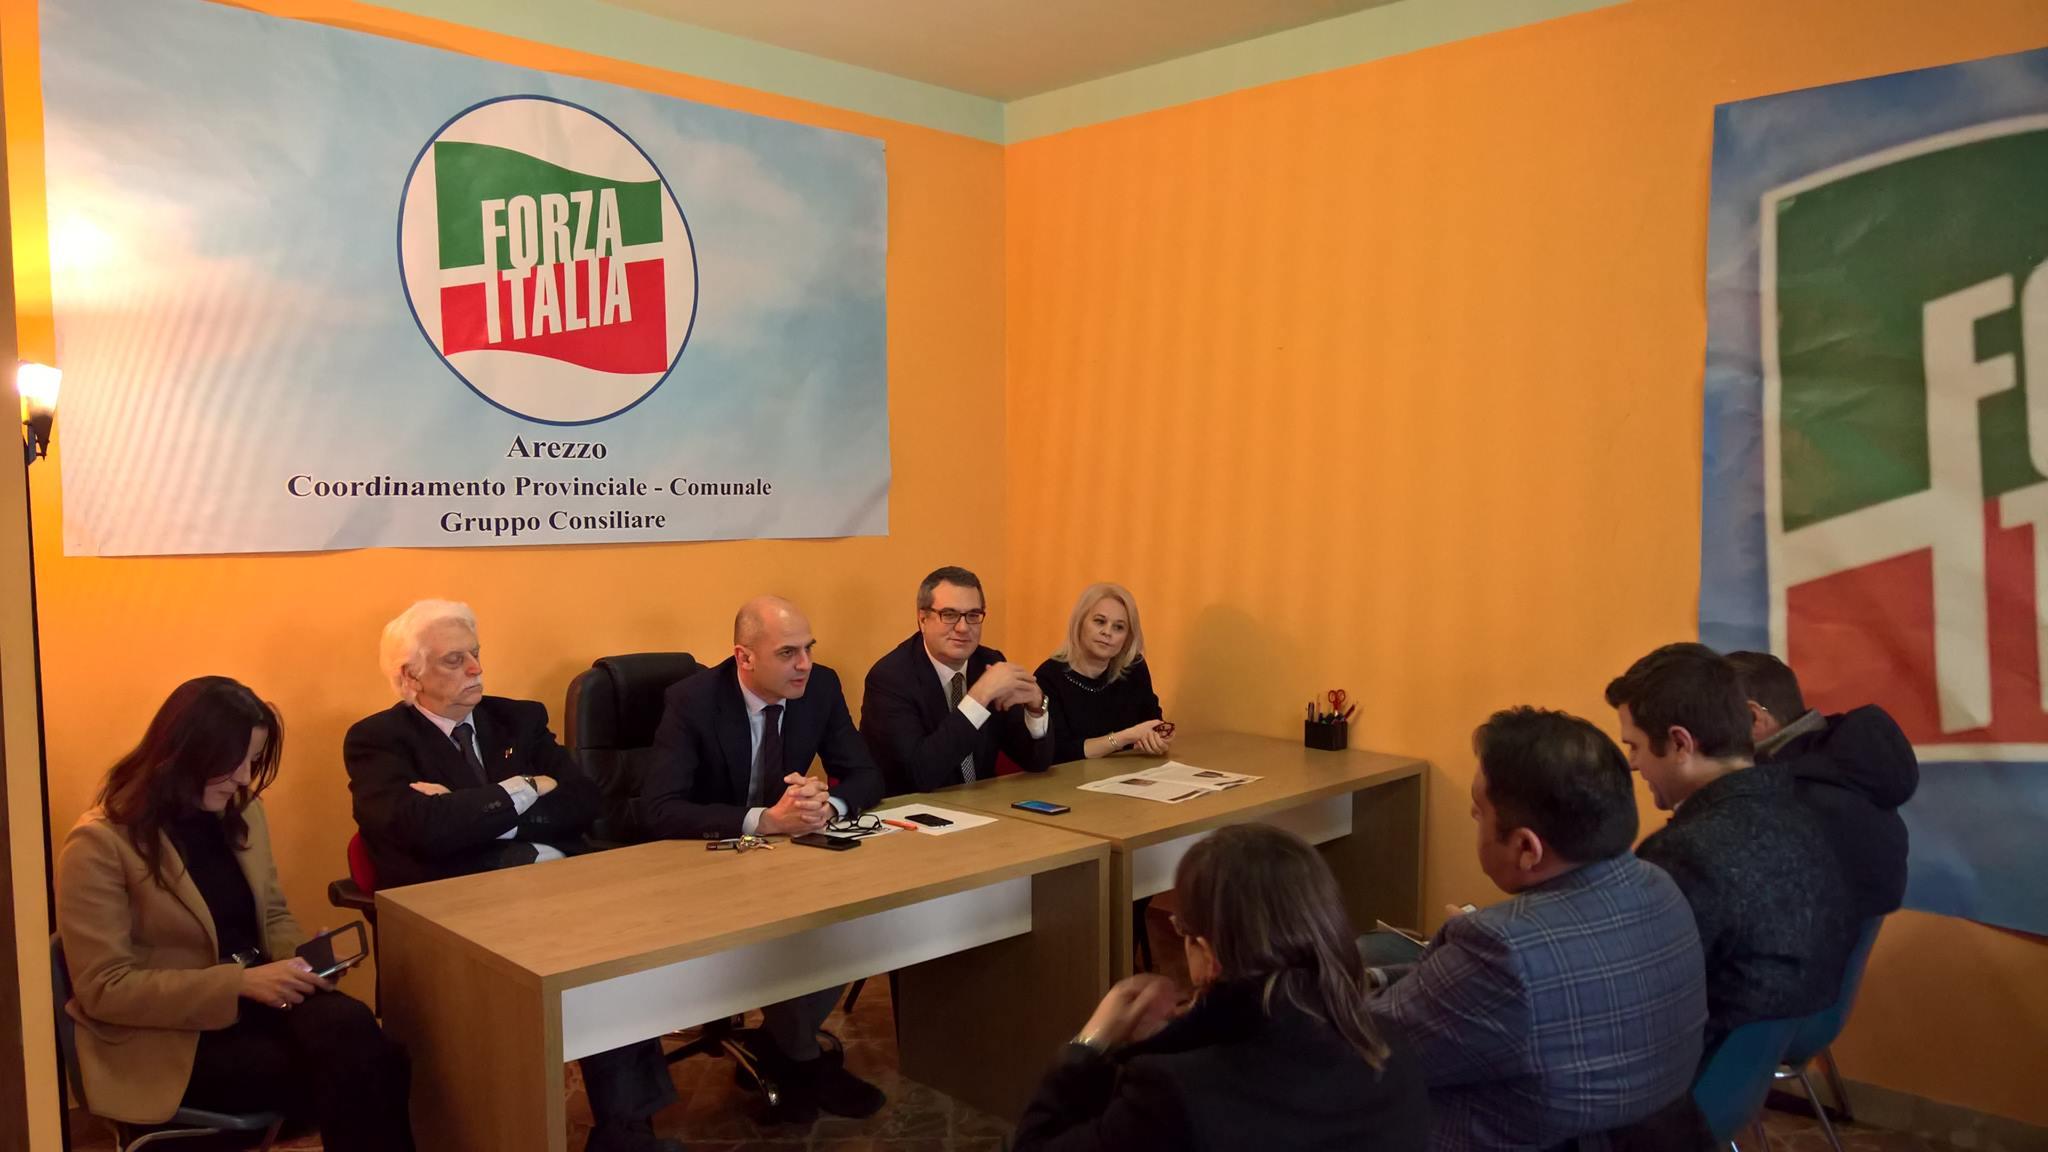 Arezzo politiche 2018 ecco i candidati di forza italia for Forza italia deputati